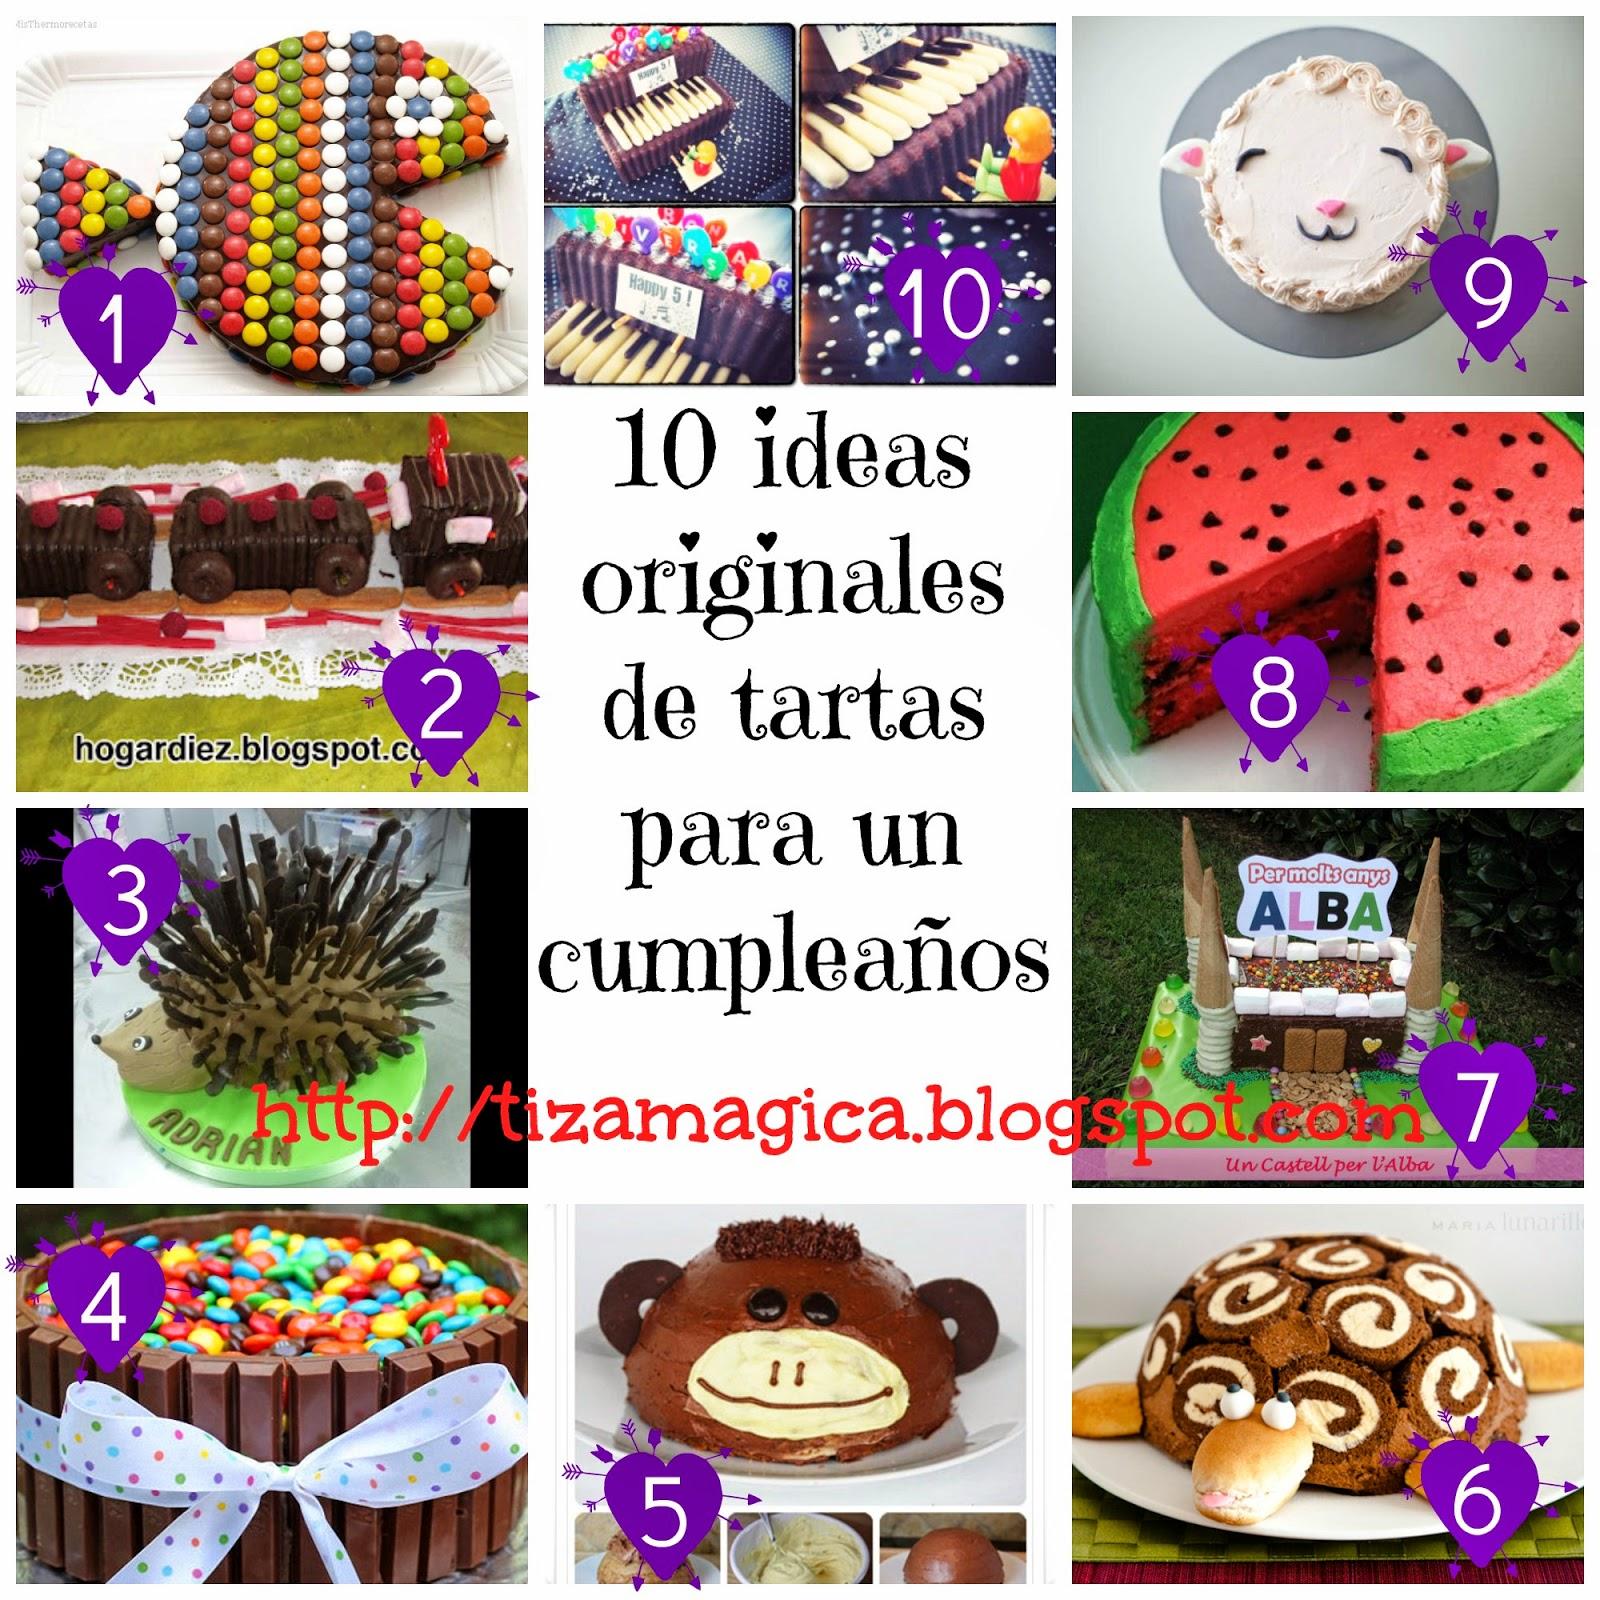 La tiza m gica tartas de cumplea os originales y r pidas - Libros de cocina originales ...